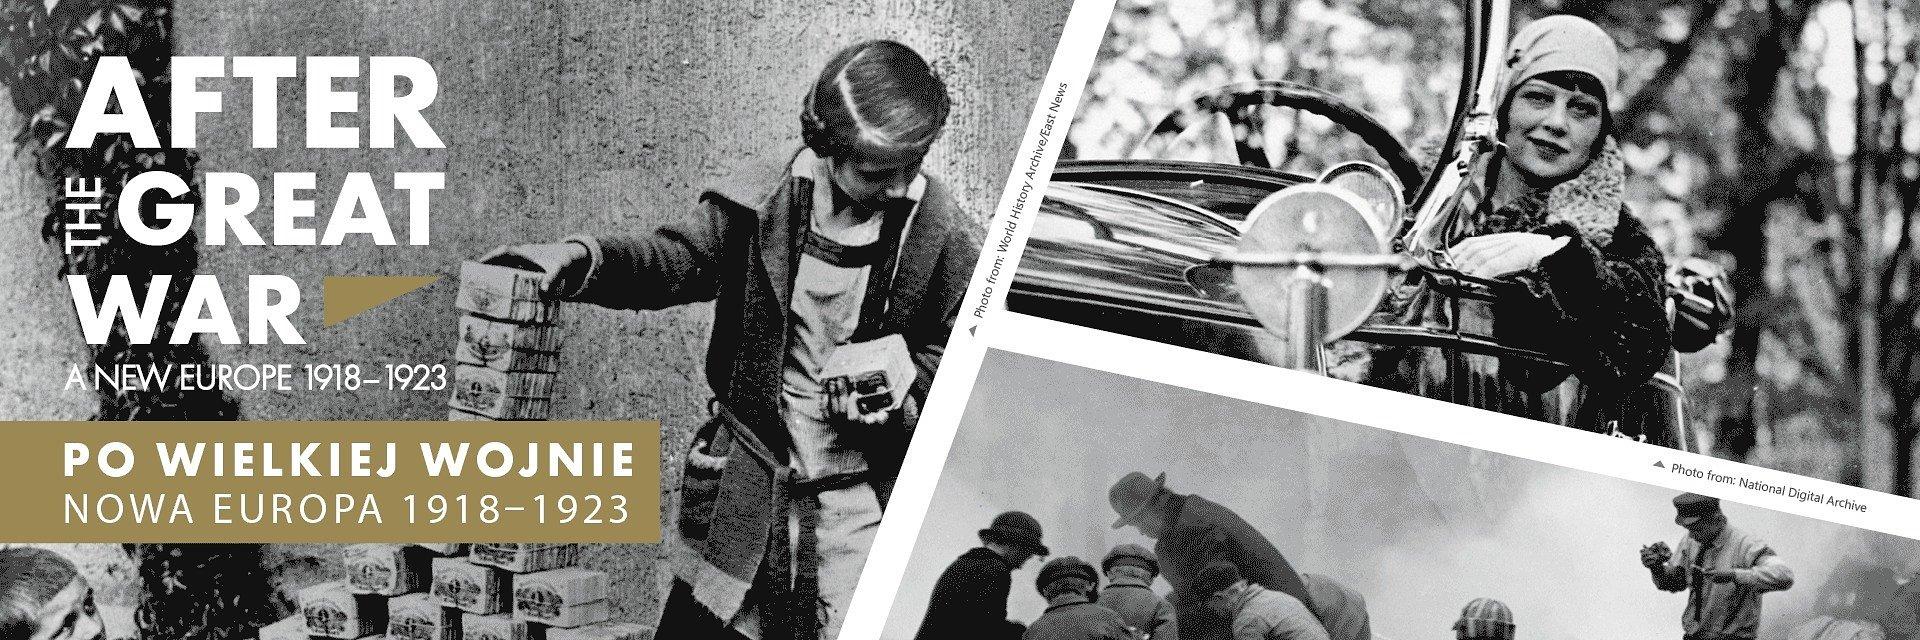 Po Wielkiej Wojnie. Nowa Europa 1918–1923 Międzynarodowa wystawa plenerowa w Krakowie